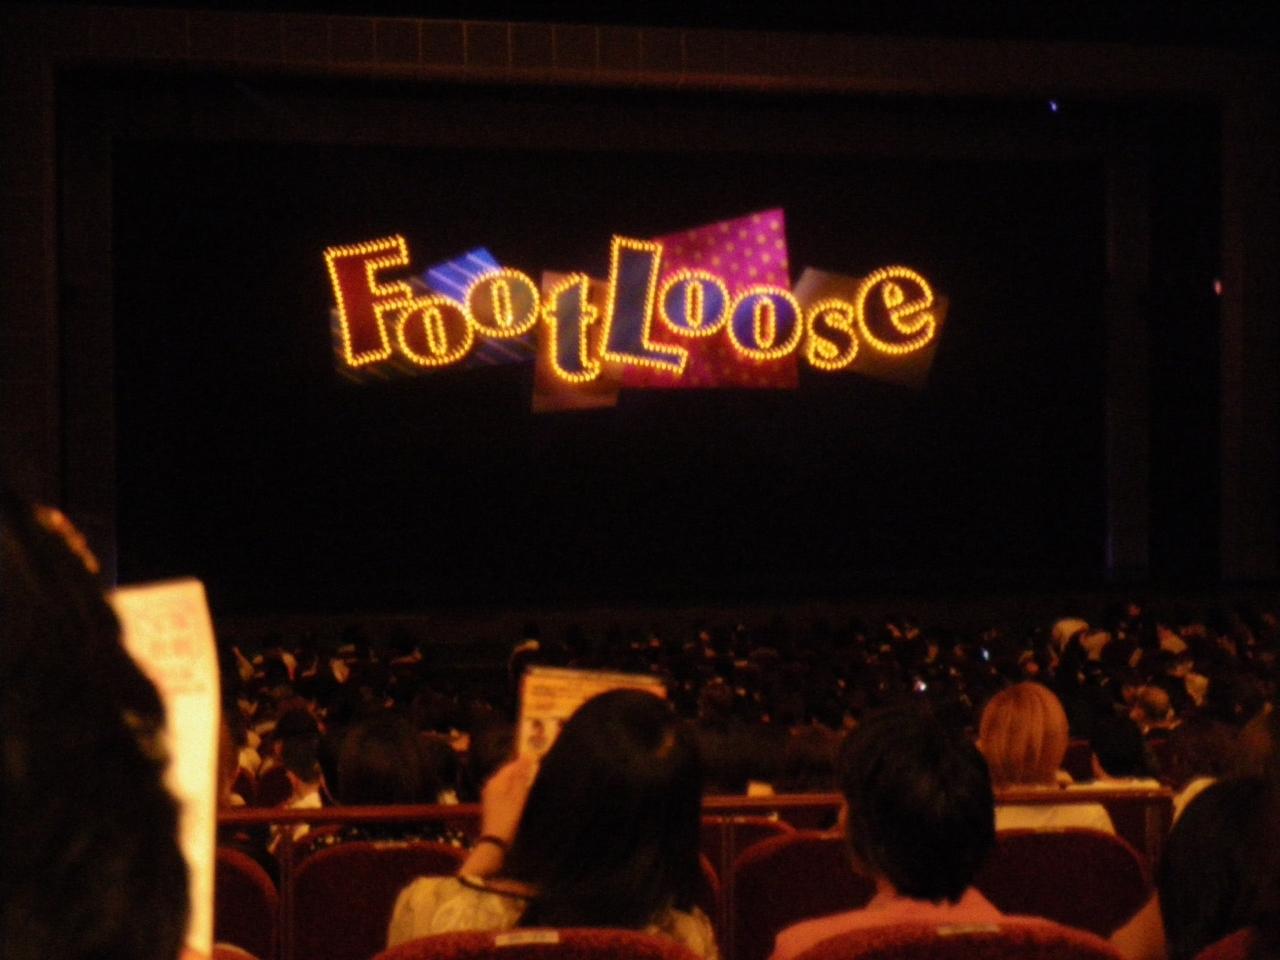 気分は高校生で、で~~~す。 宝塚・雪組公演『FootLoose』 in 梅田芸術劇場(2ページ)